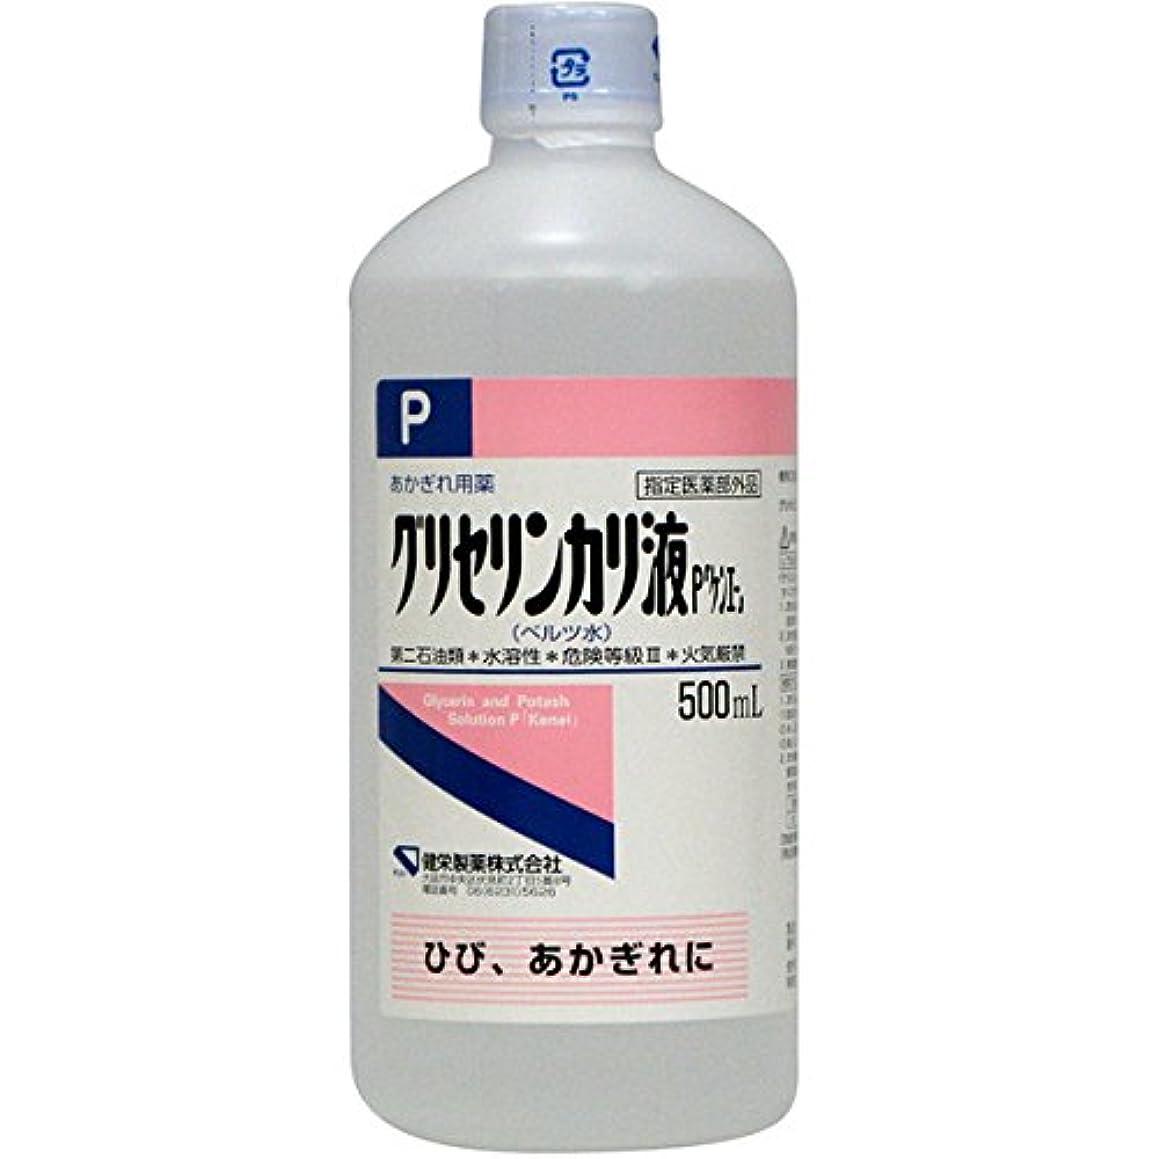 初心者動機布健栄製薬 グリセリンカリ液 ベルツ水 500ml